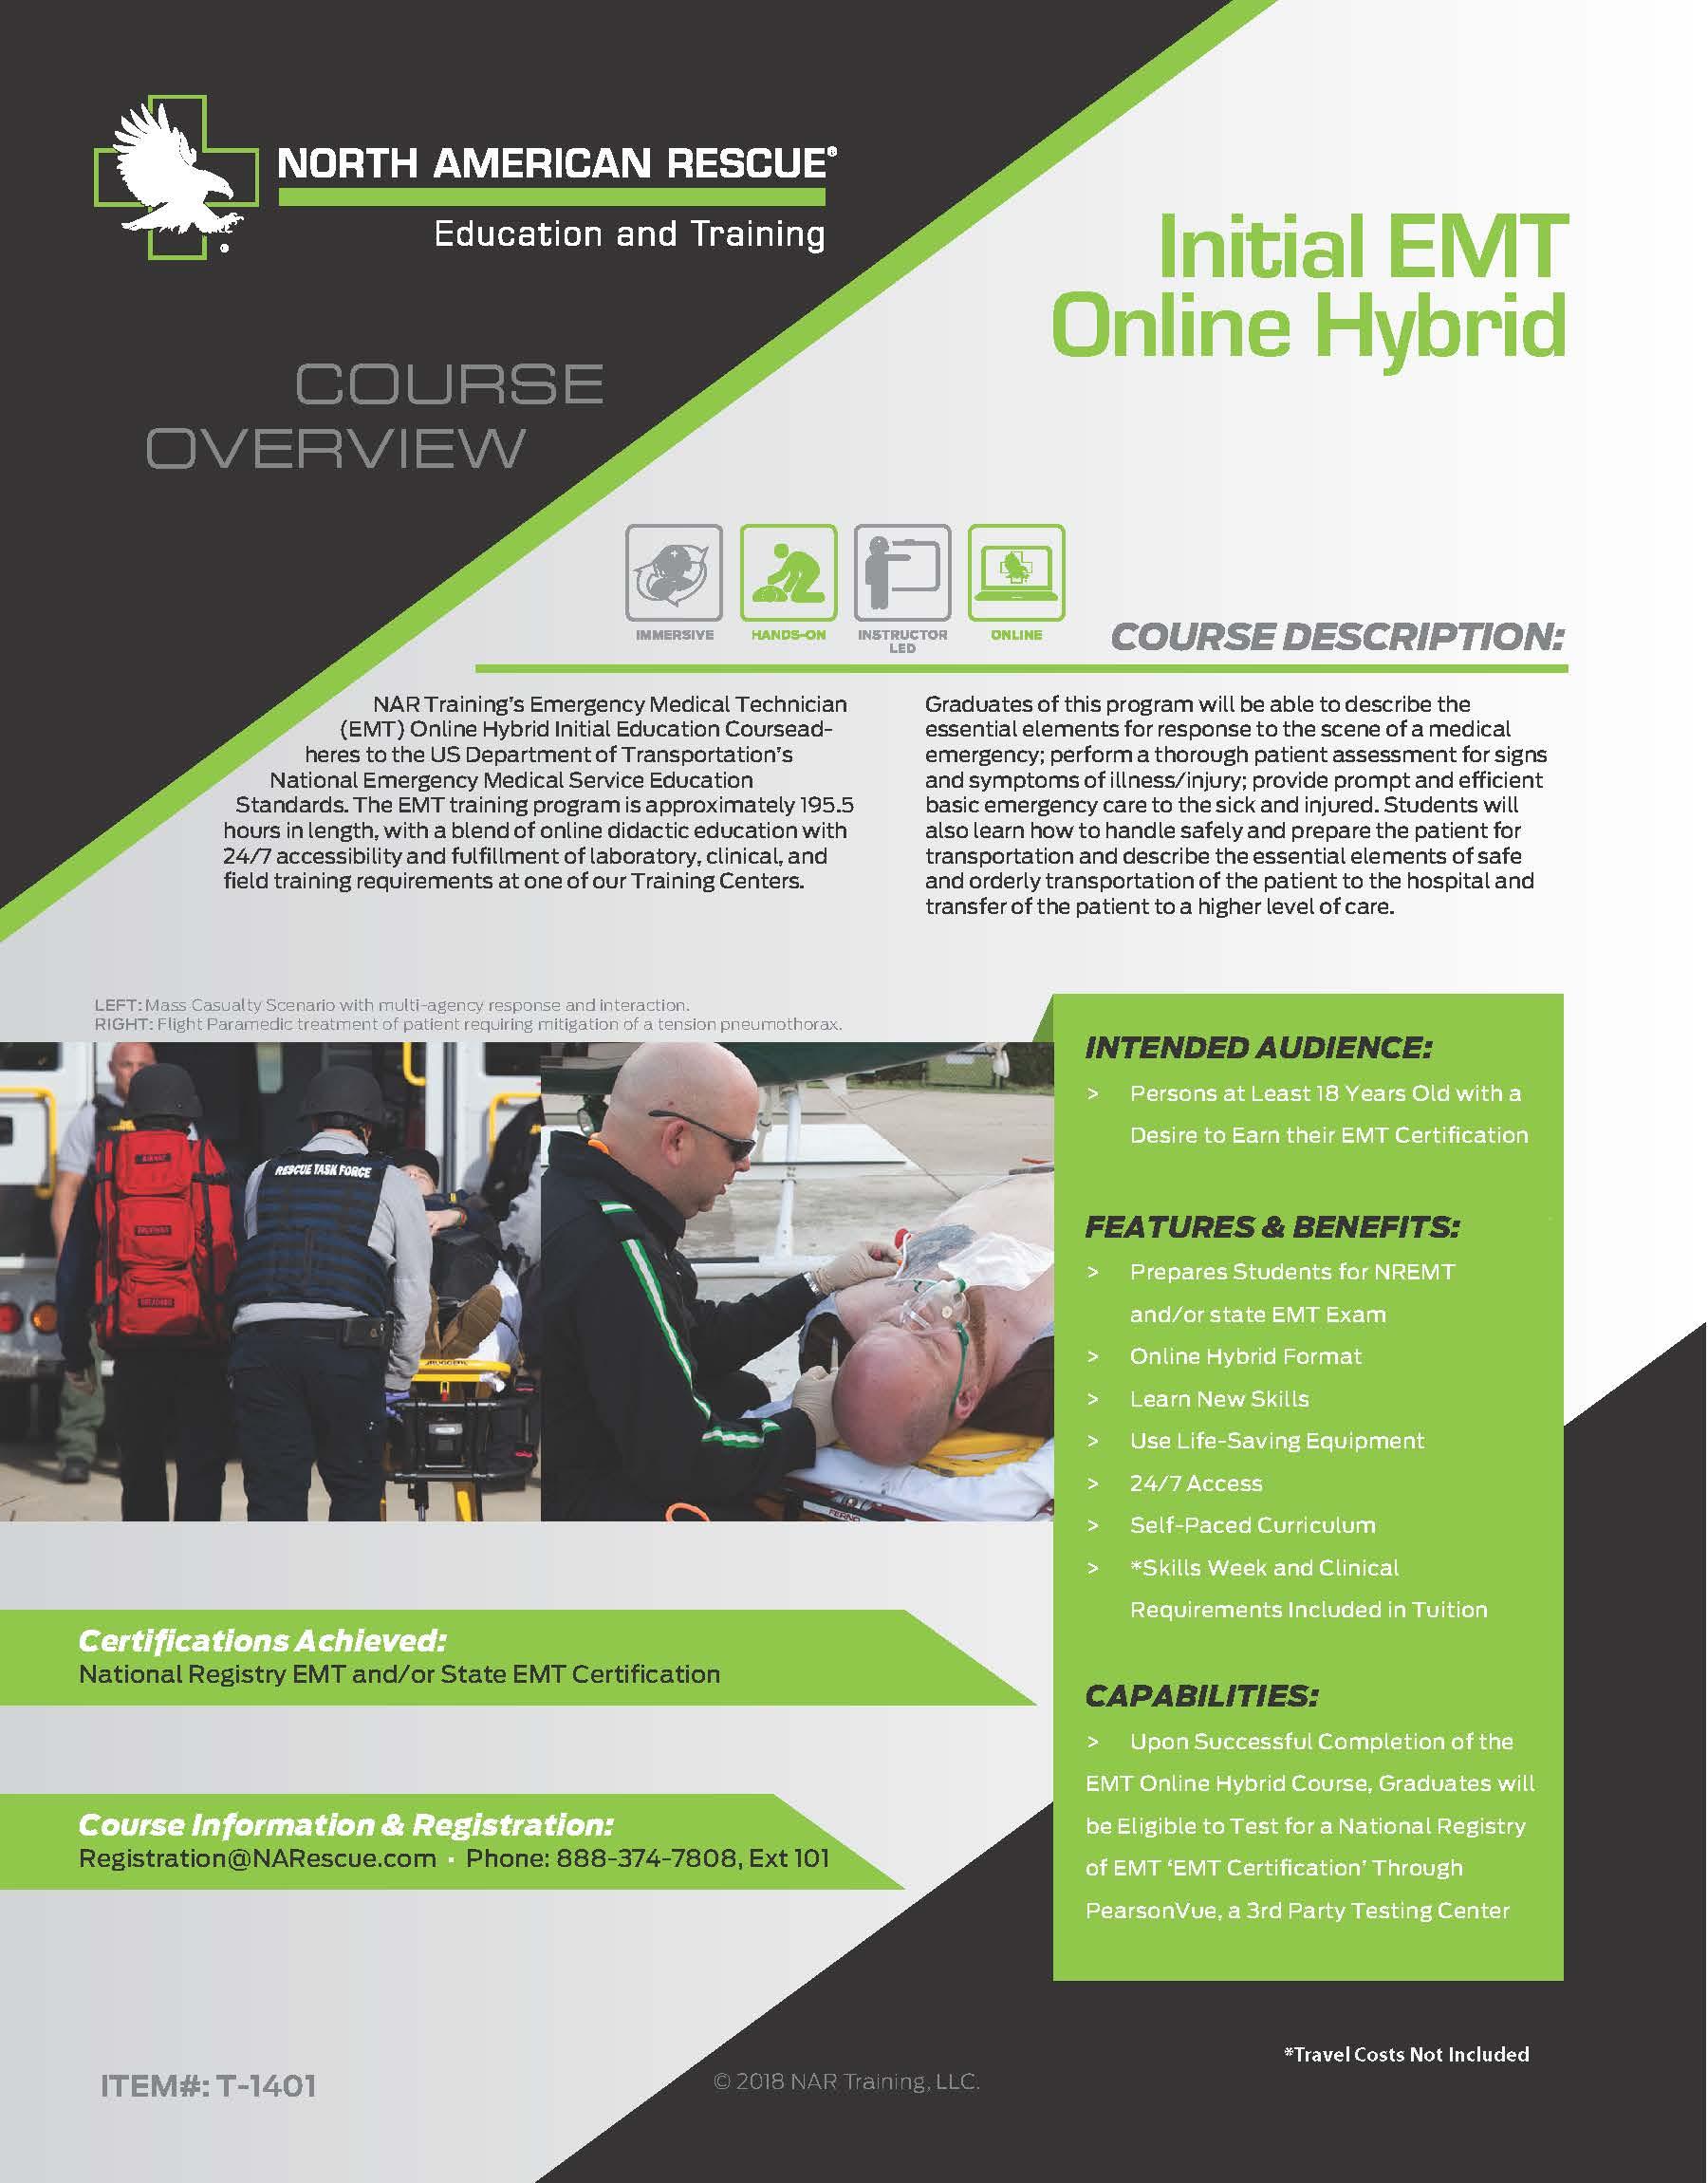 Initial EMT Online Hybrid